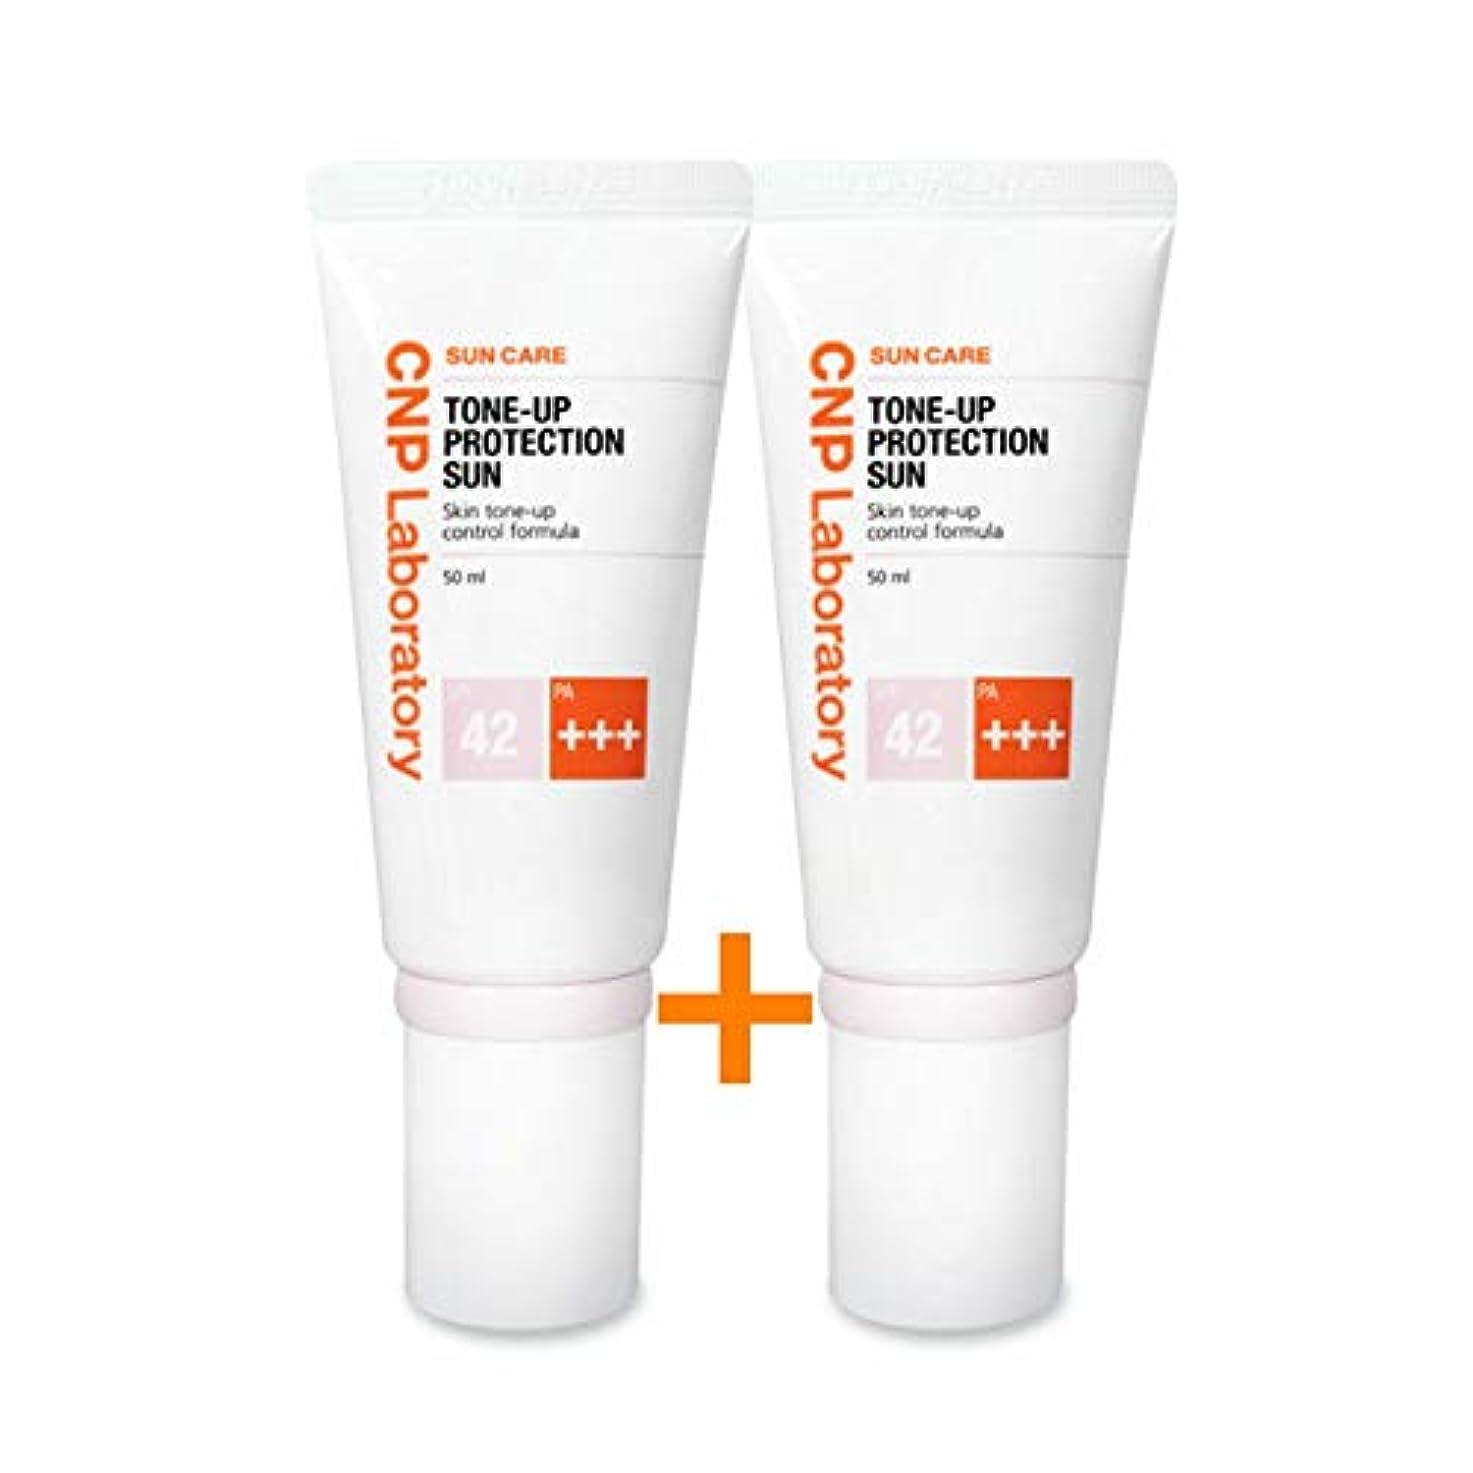 ムスタチオ統治する倍増[ 1 + 1 ] CNPトンオププロテクションサン?クリーム紫外線遮断剤 (SPF42 / PA+++) 50ml、CNP Tone-up Protection Sun Cream (SPF42 / PA+++) 50ml...